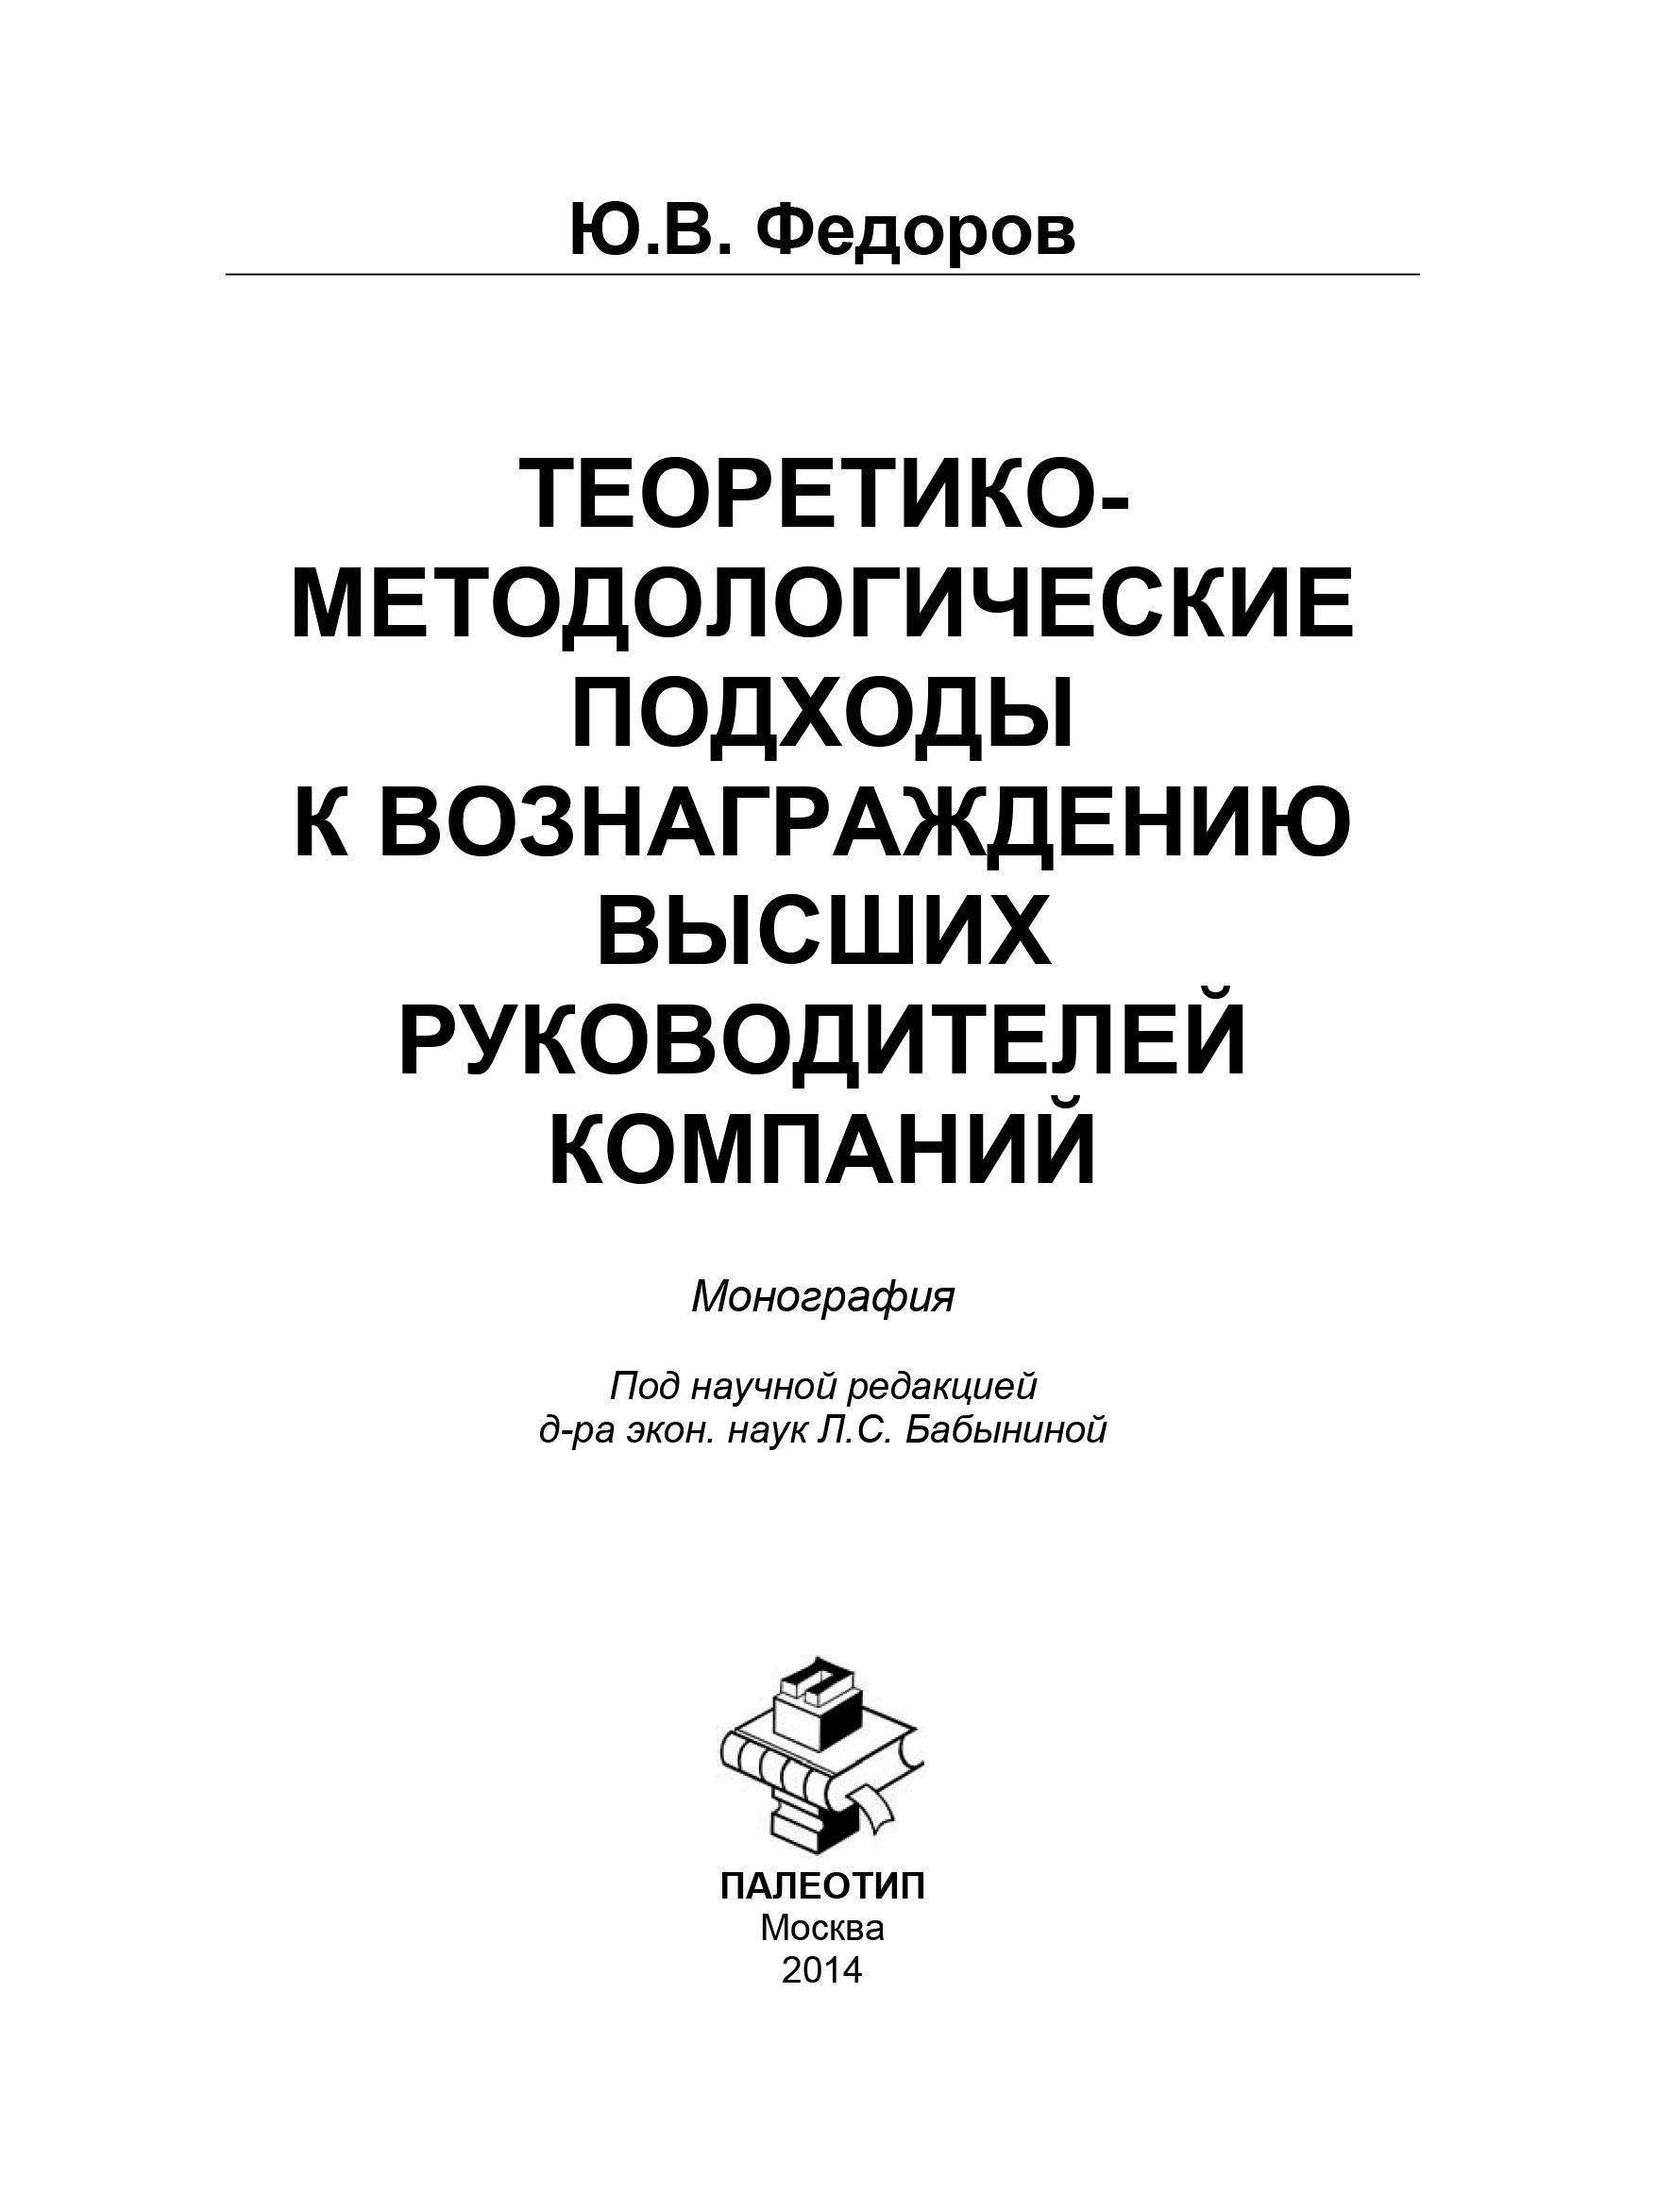 Ю. Федоров Теоретико-методологические подходы к вознаграждению высших руководителей компаний банндалюк о корпоративное управление вопросы практики и оценки российских компаний